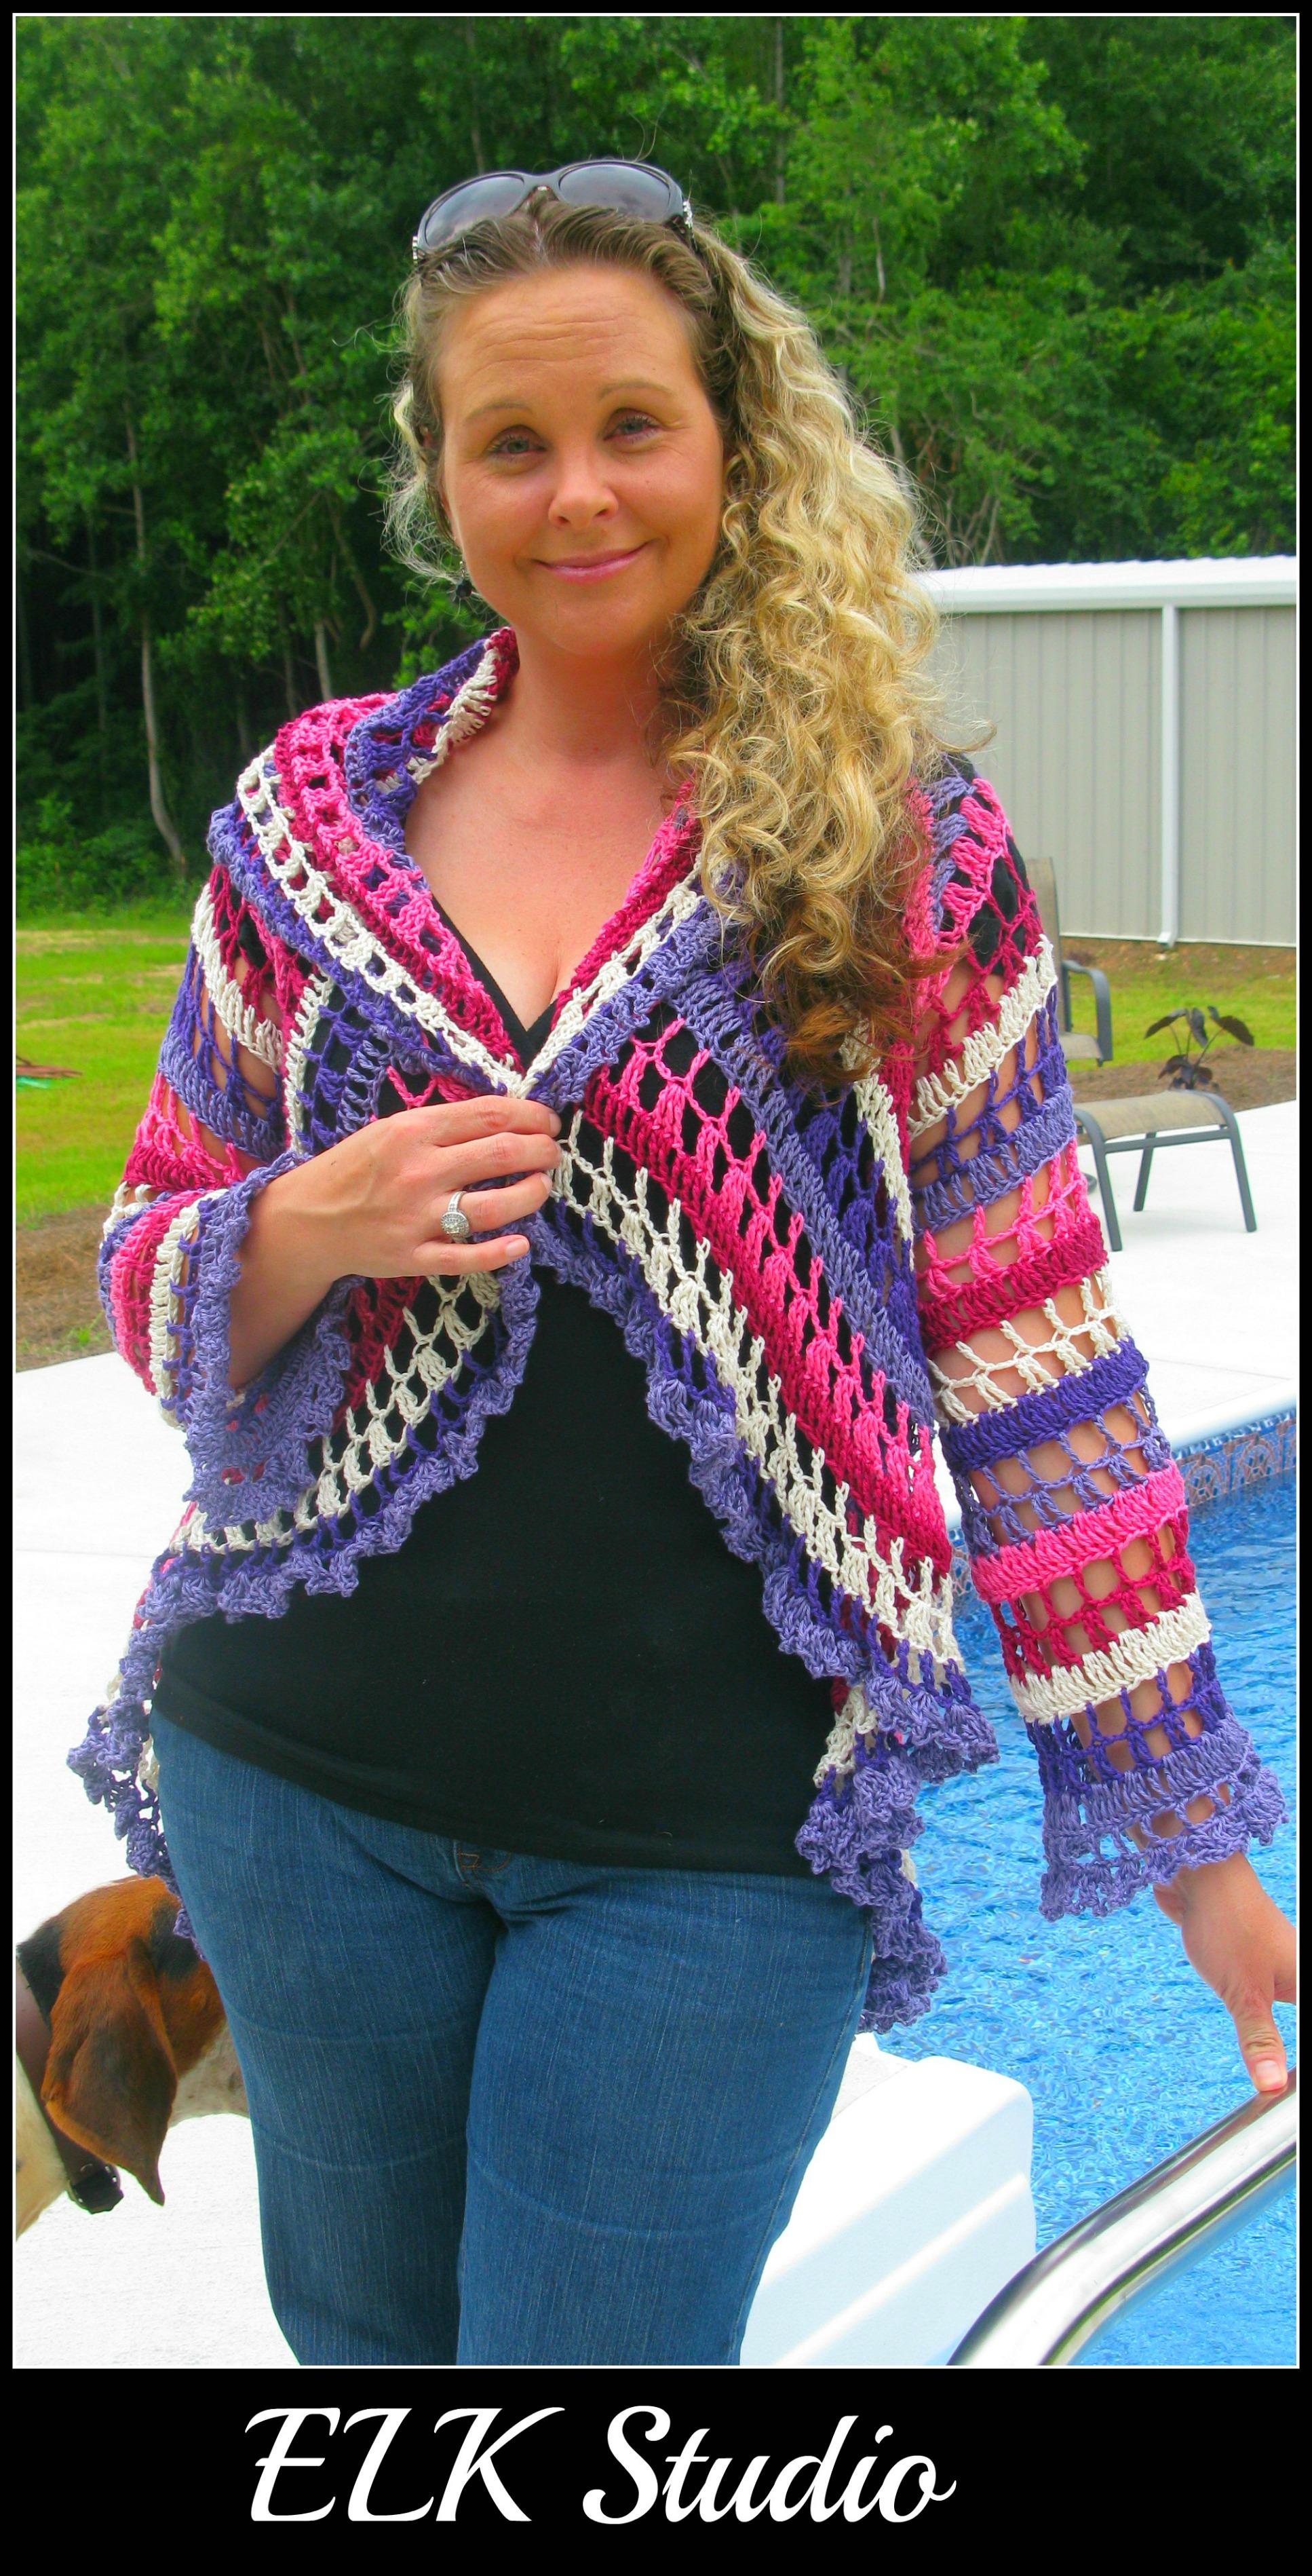 My First Crocheted Jacket! - ELK Studio - Handcrafted Crochet Designs